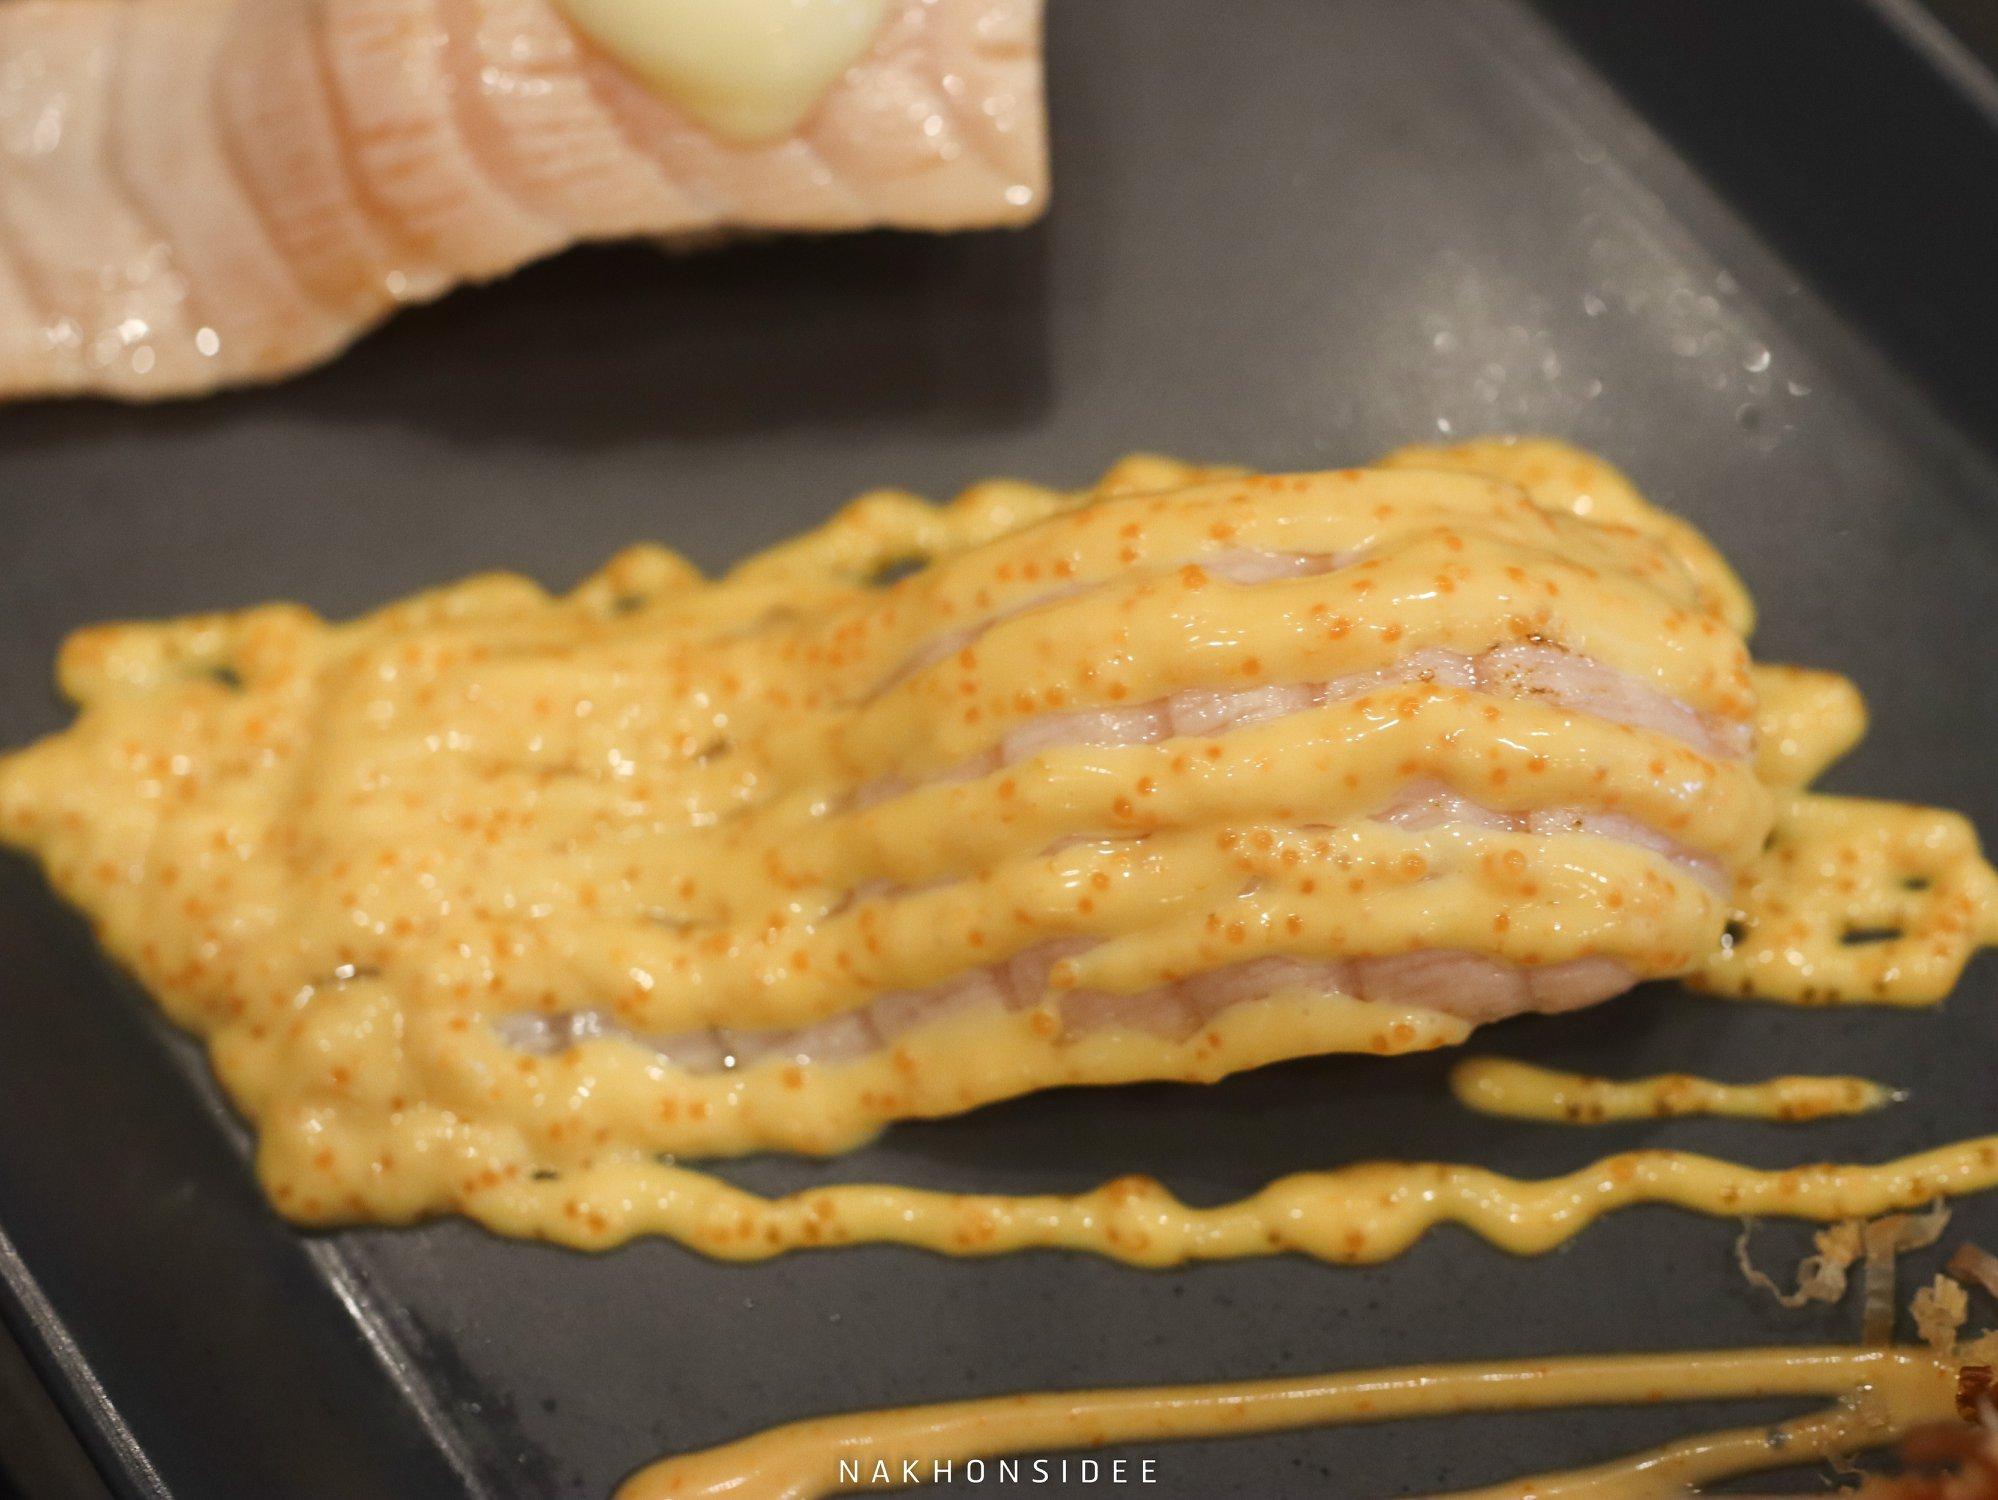 ชาบู,บุฟเฟ่ต์,นครศรีธรรมราช,อาหารญี่ปุ่น,ของหวาน